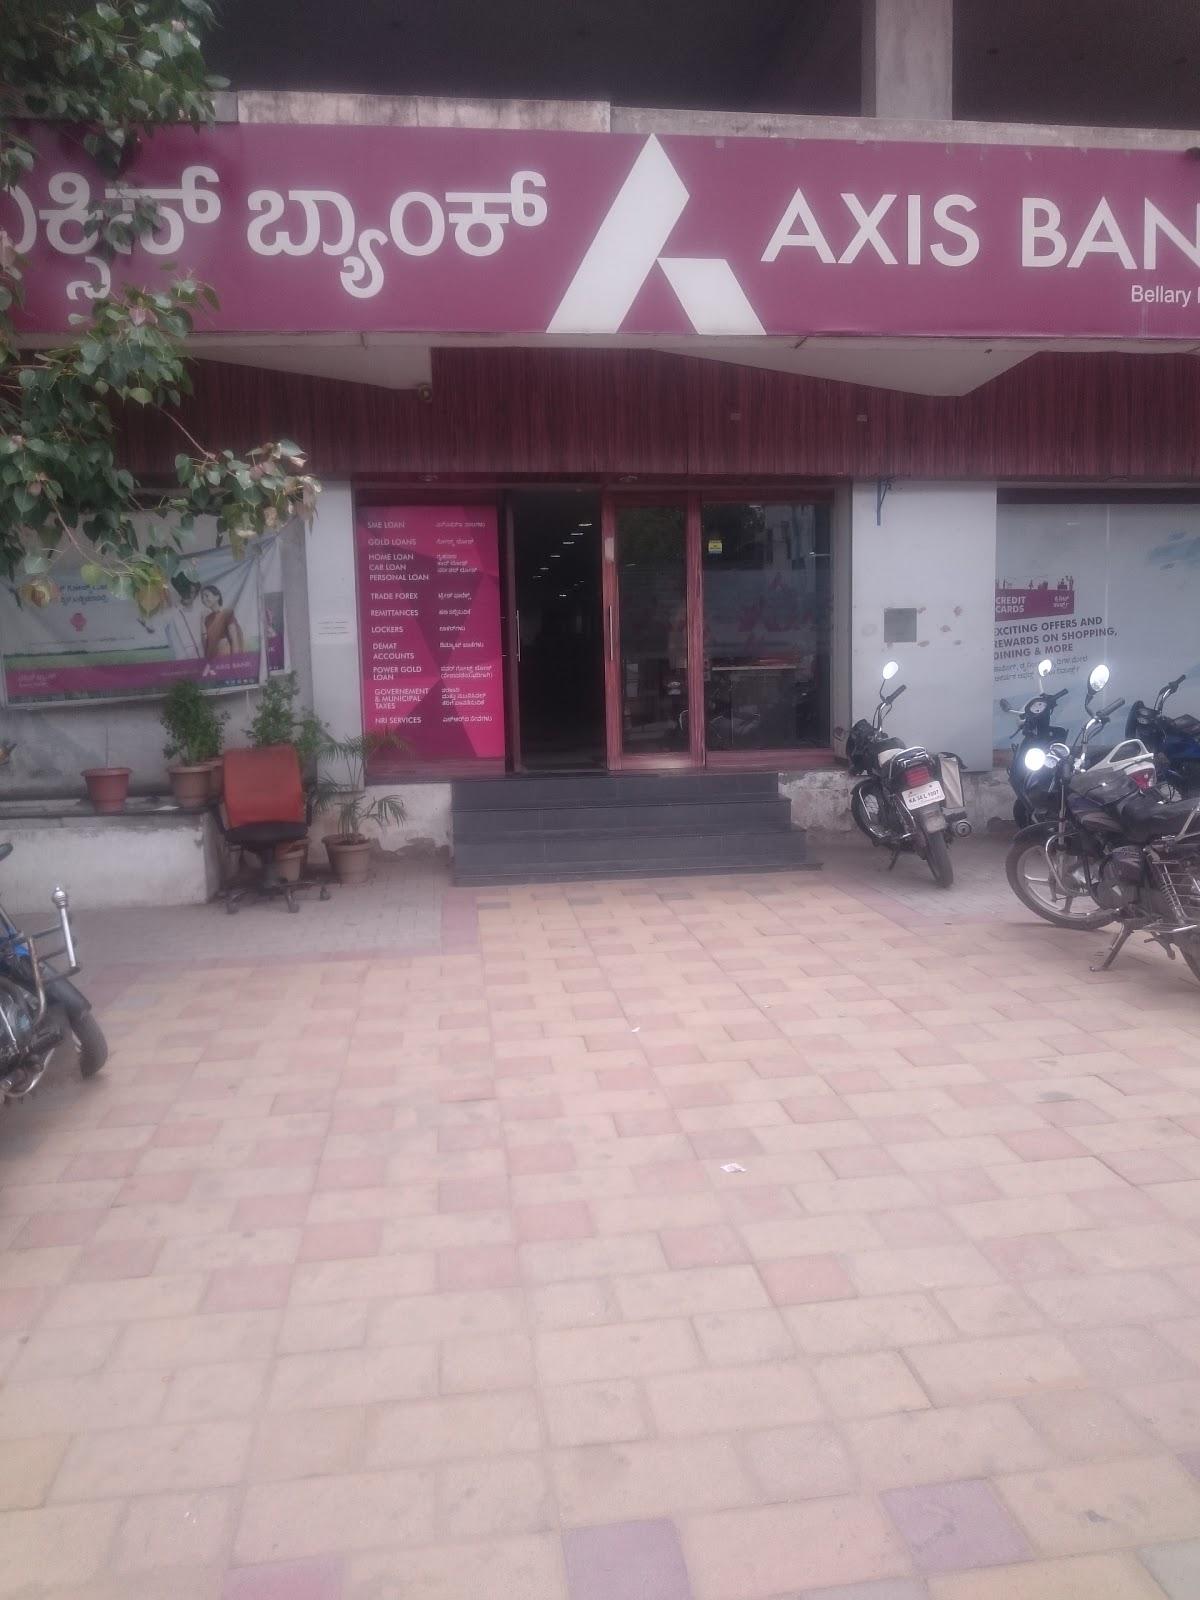 blood bank Axis Bank near Ballari Karnataka